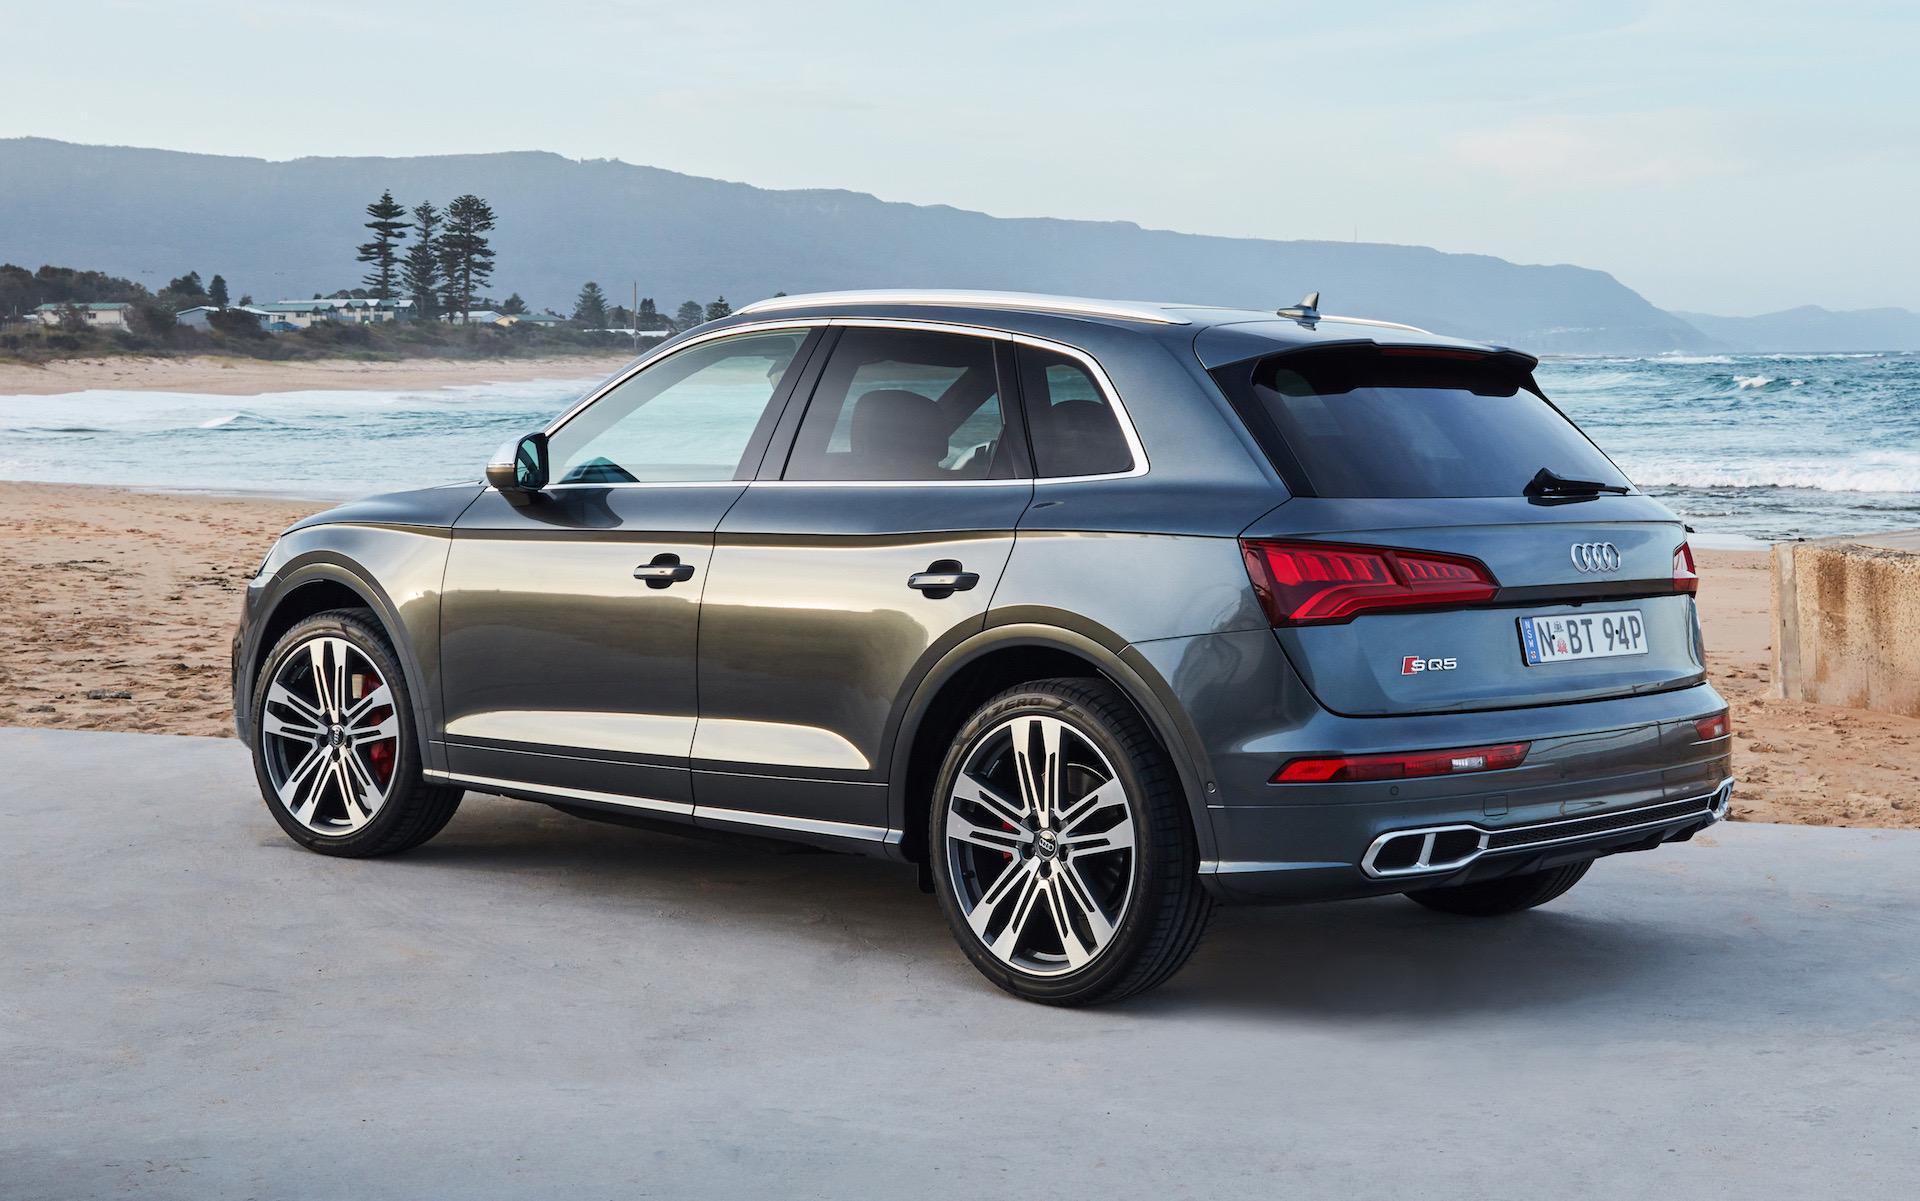 Kekurangan Audi Sq5 2019 Perbandingan Harga